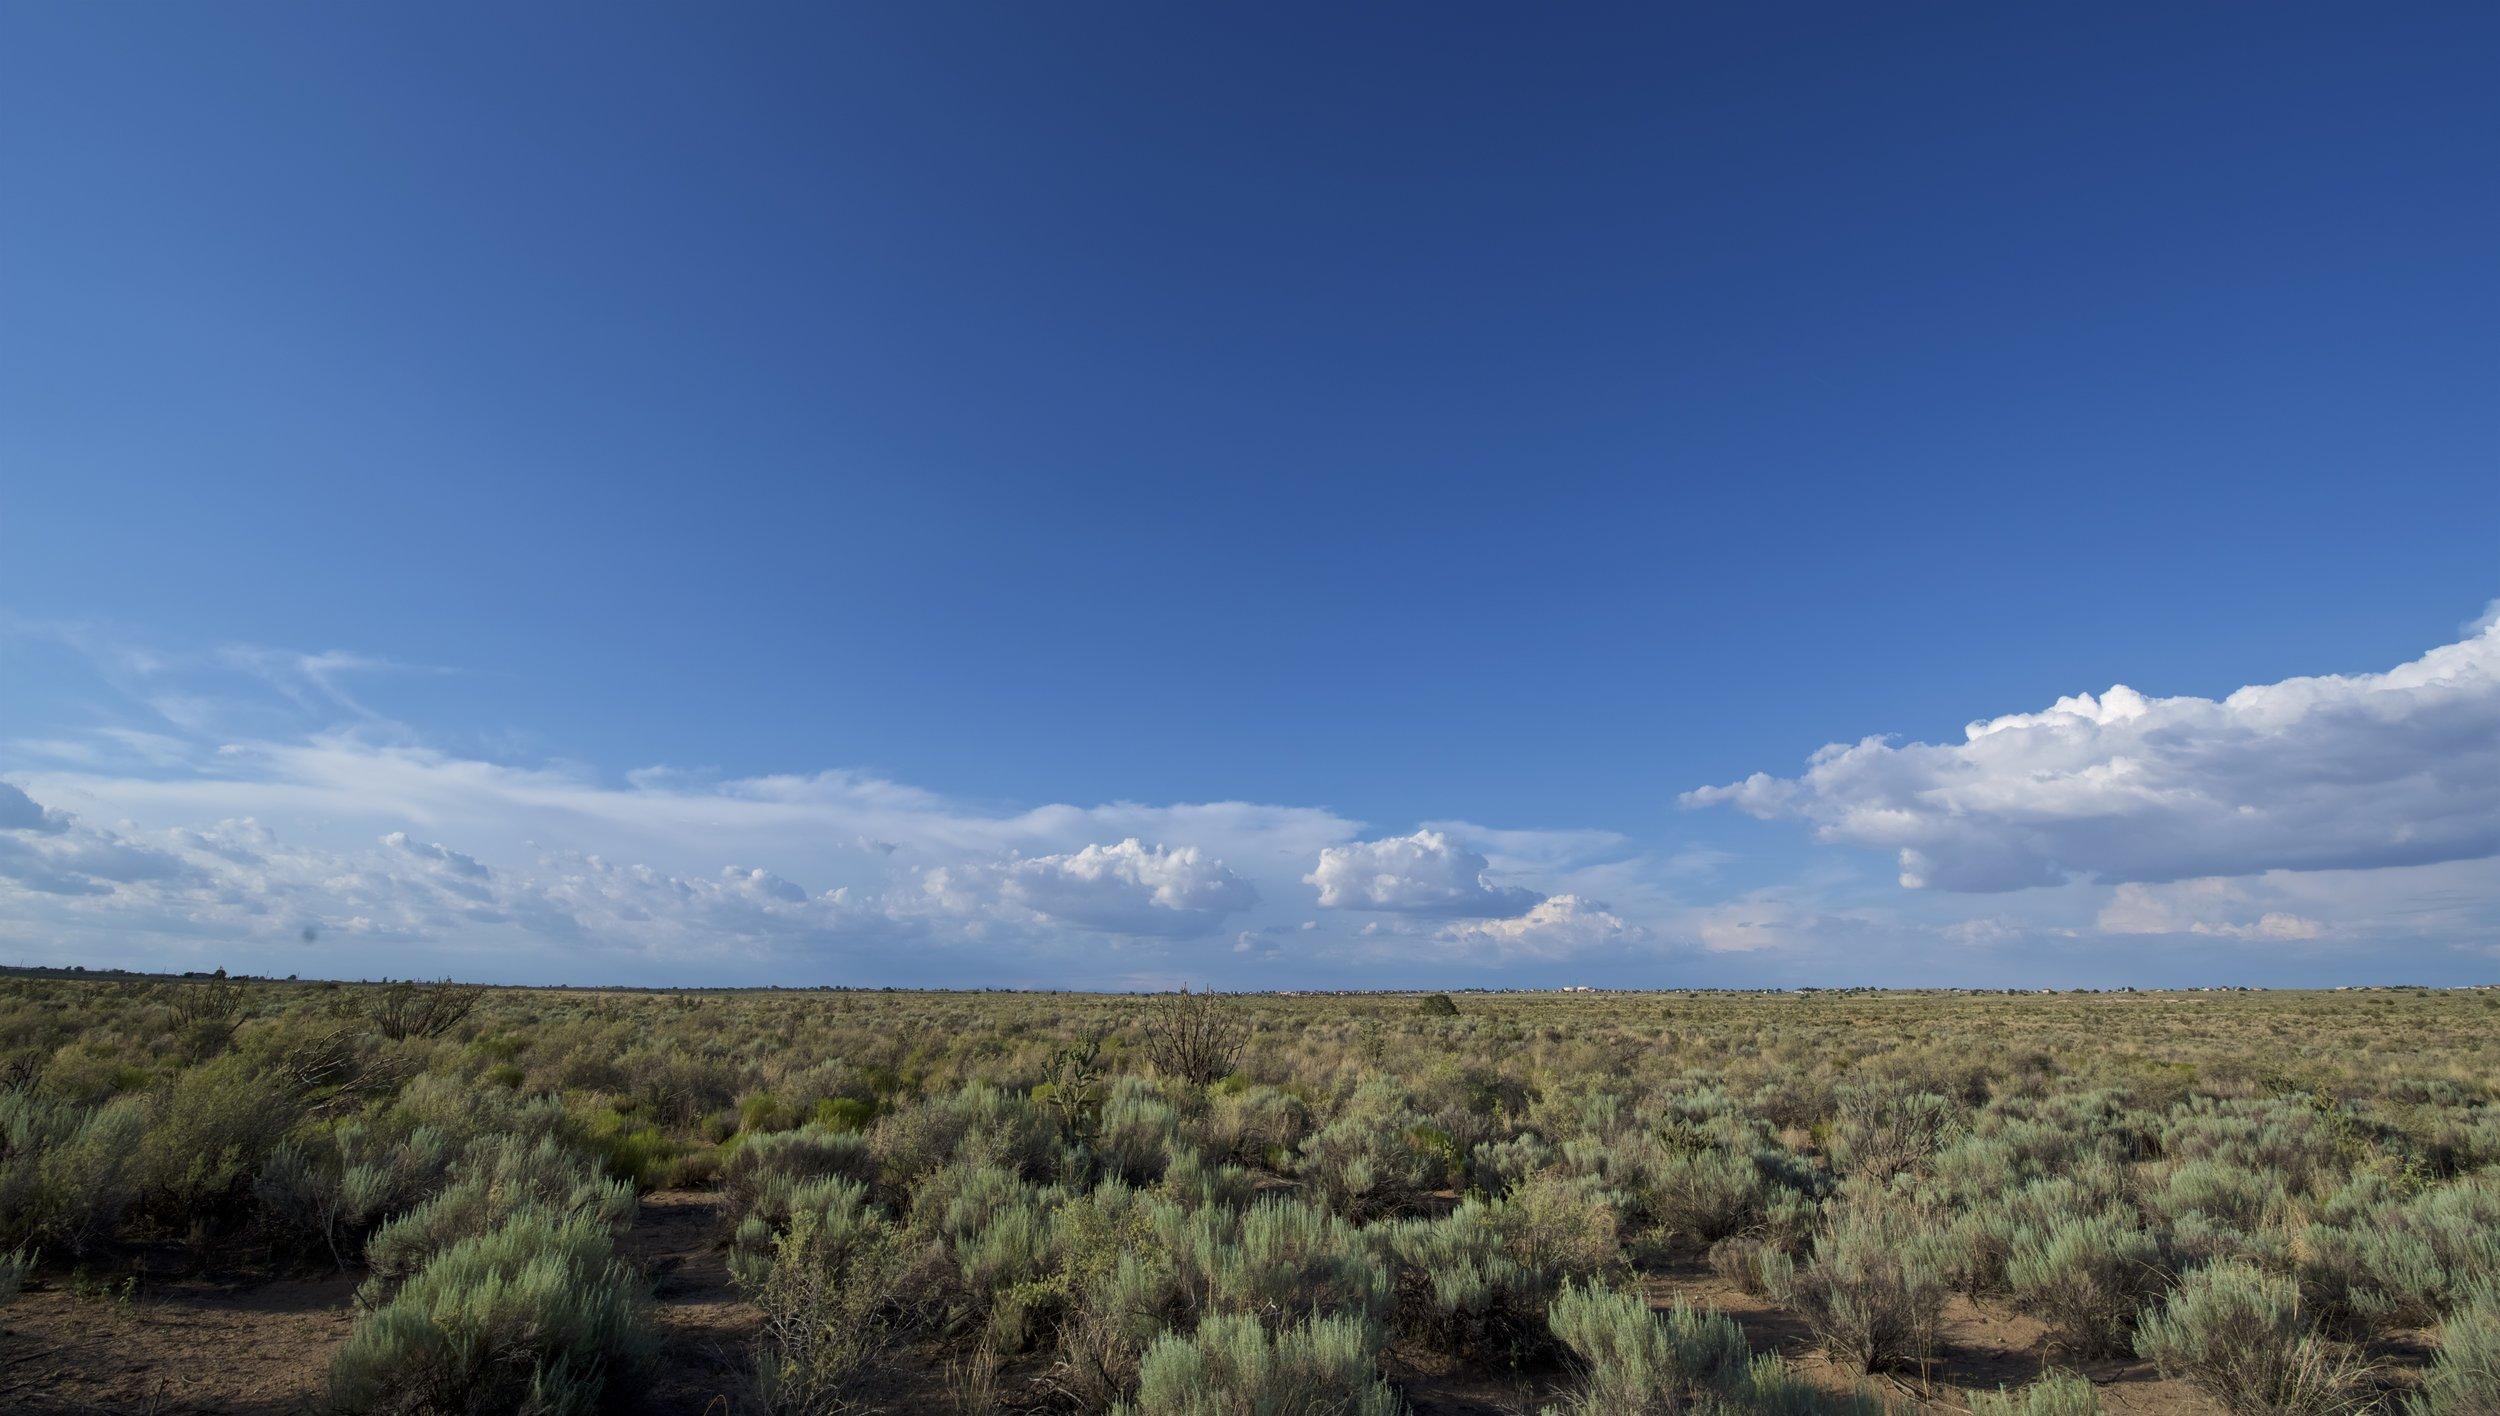 SNNM-BFG-rio-rancho-132739.jpg